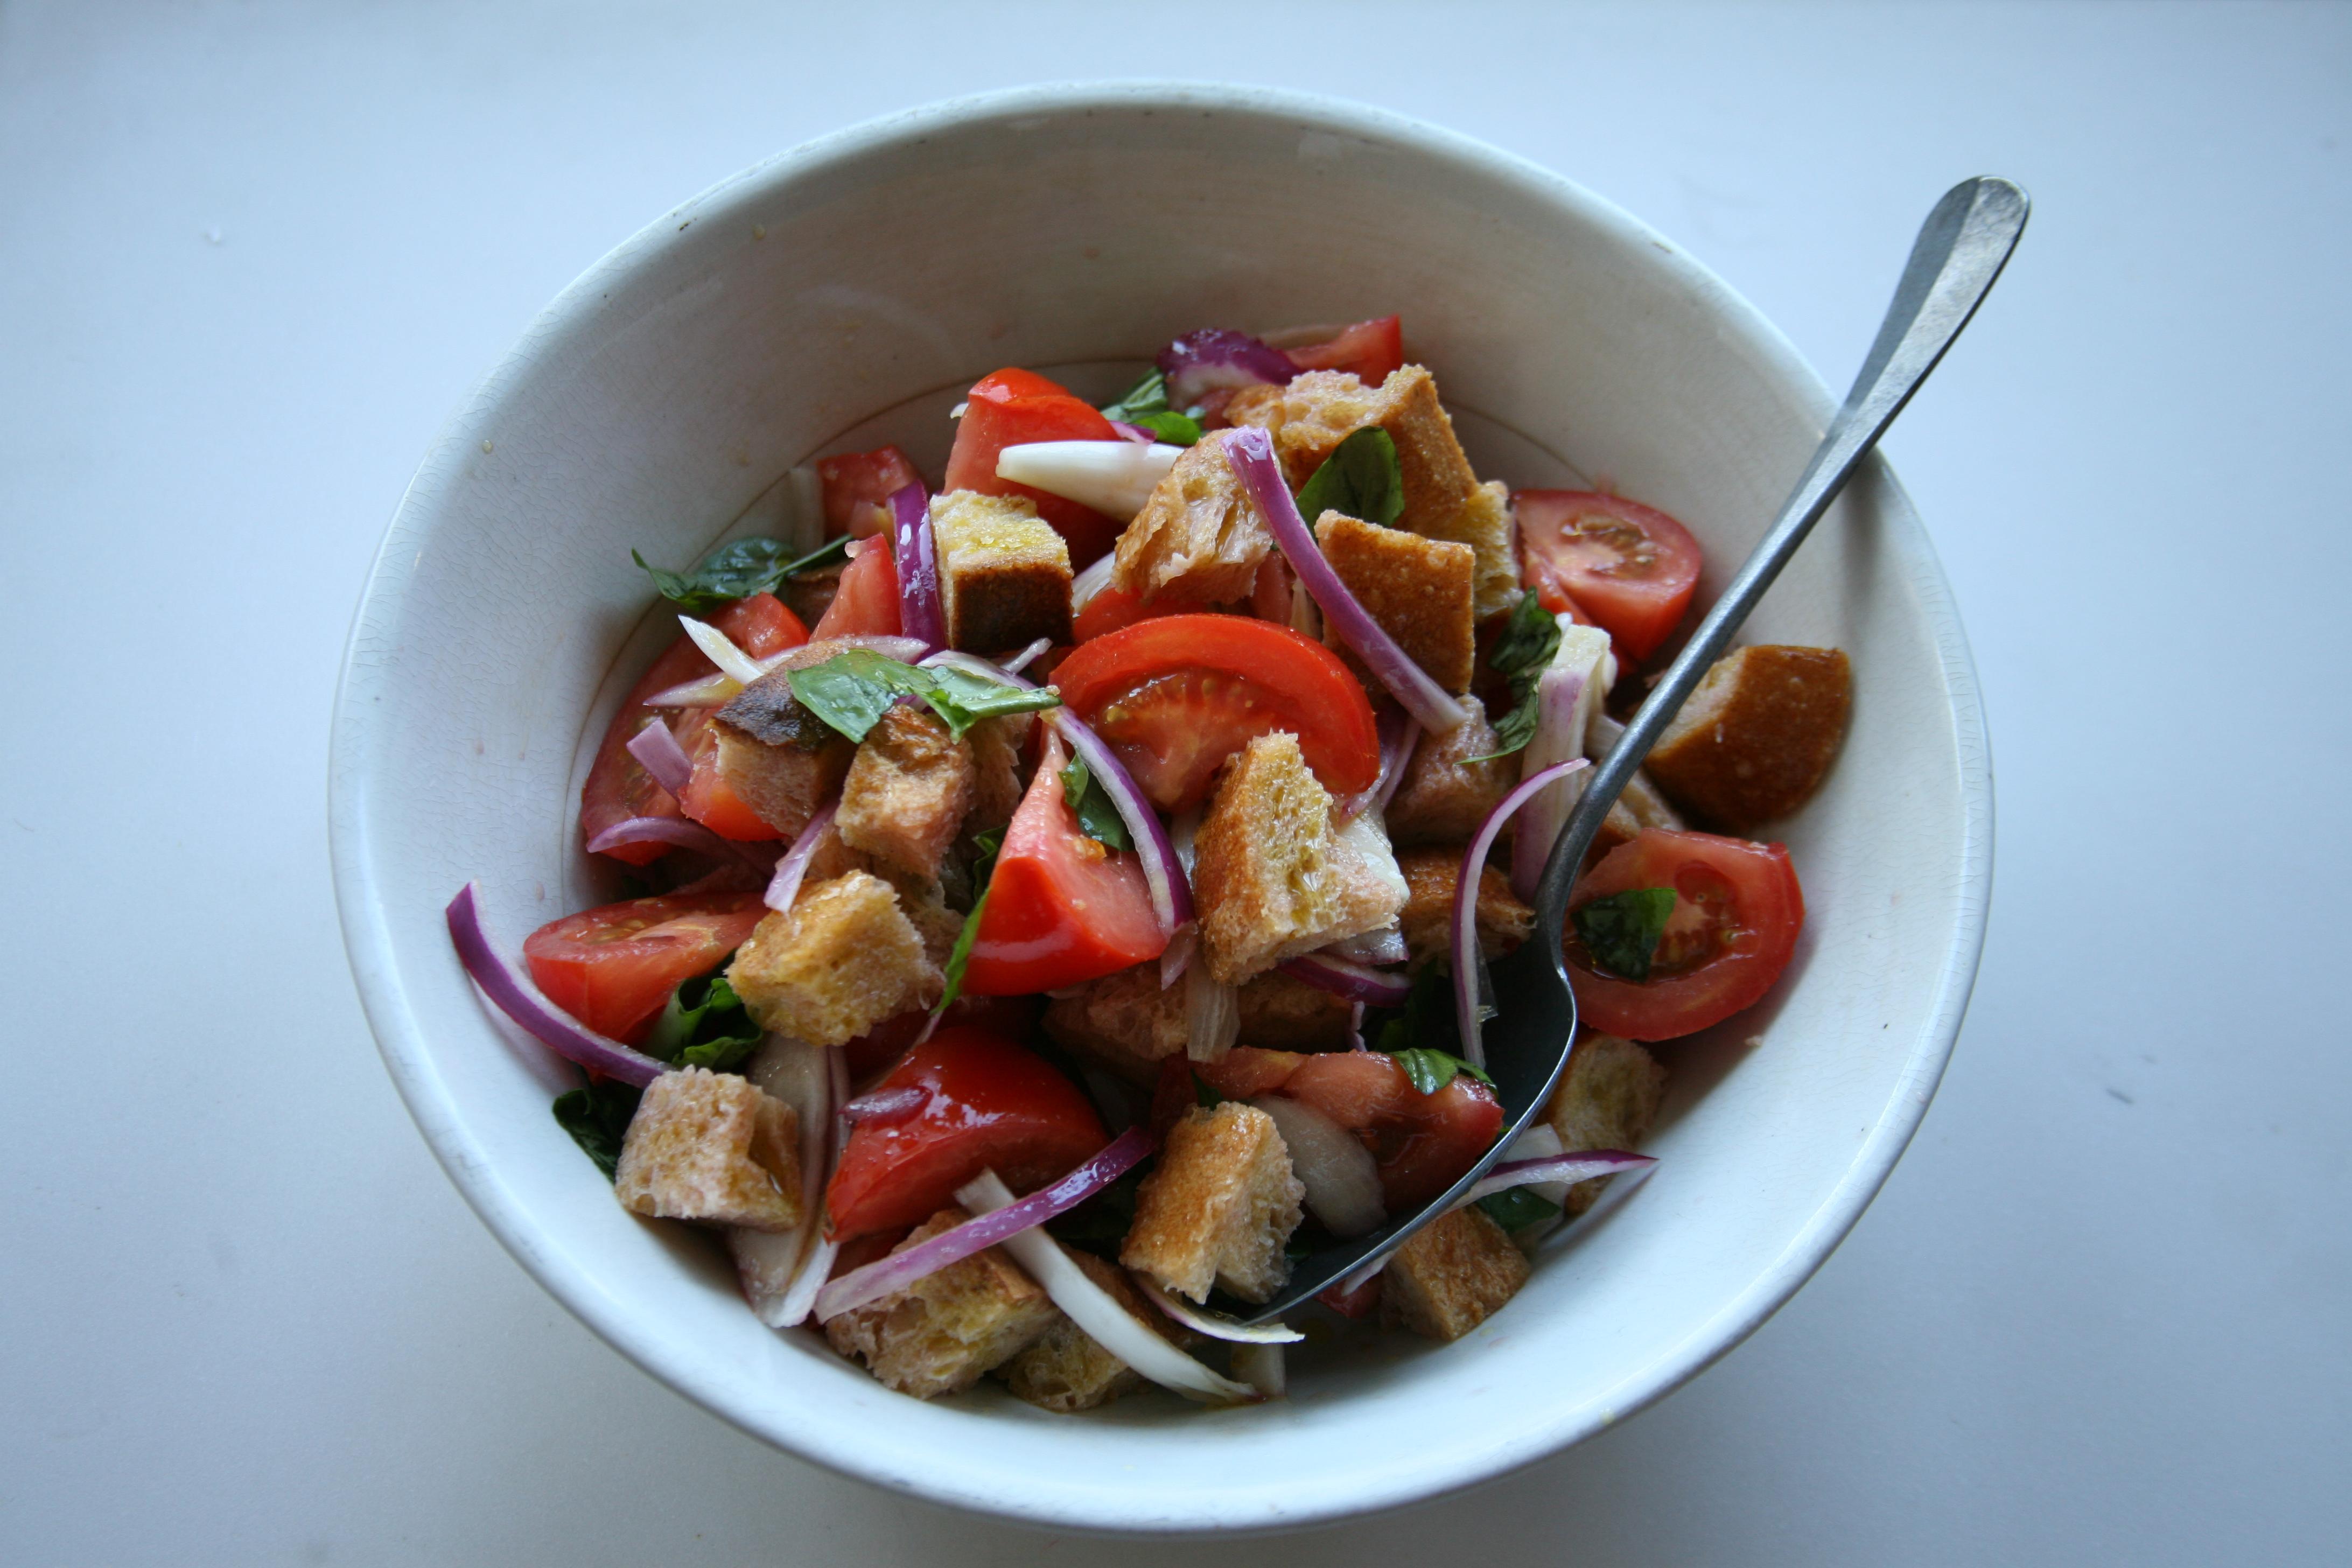 Lidia Celebrates America Tomato And Bread Salad Panzanella Pbs Food